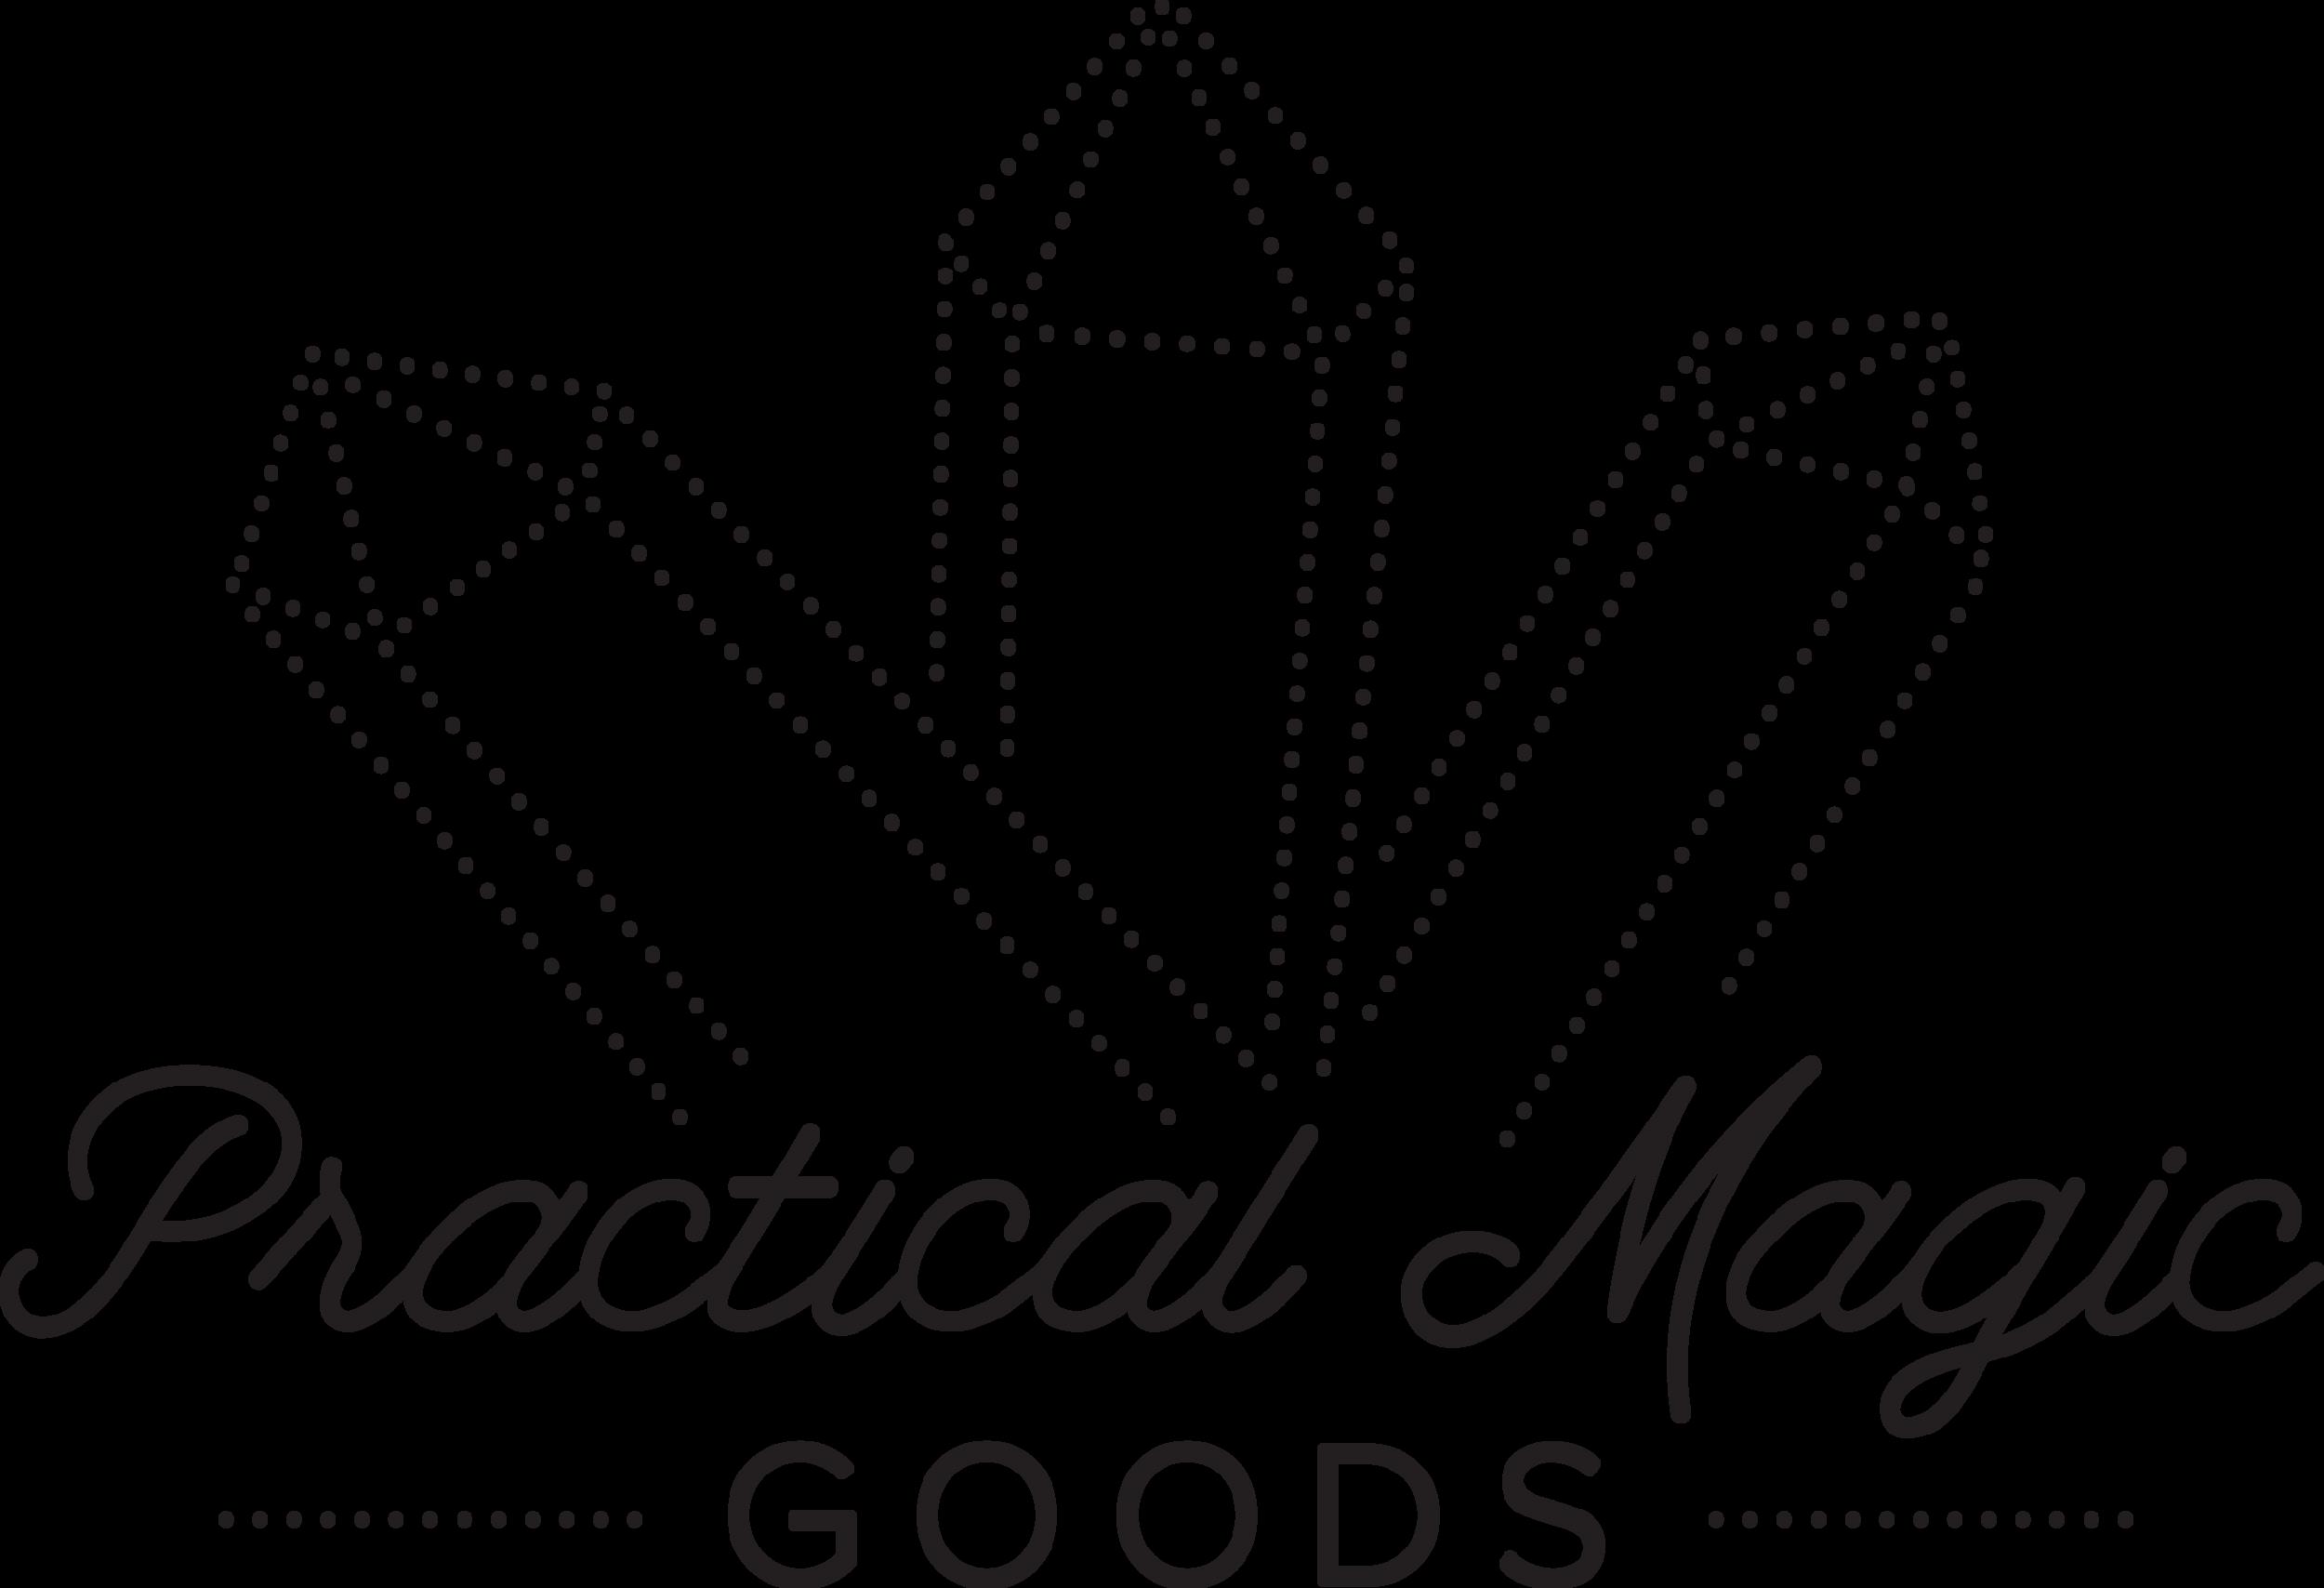 Logo-PracticalMagicGoods-Final (1).png